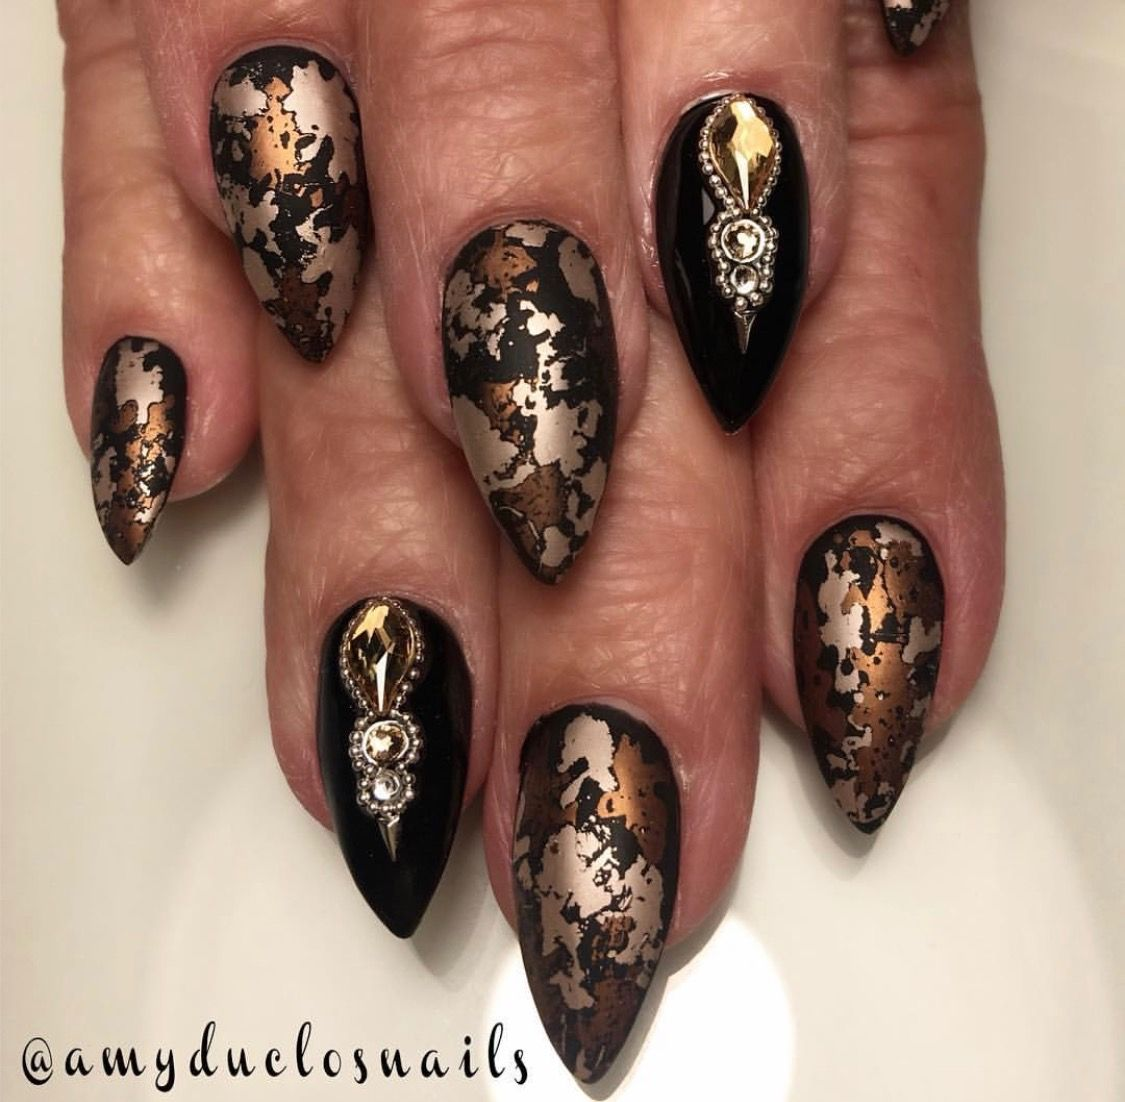 Pin by Starla Harp on Nails Gold nails, Black gold nails